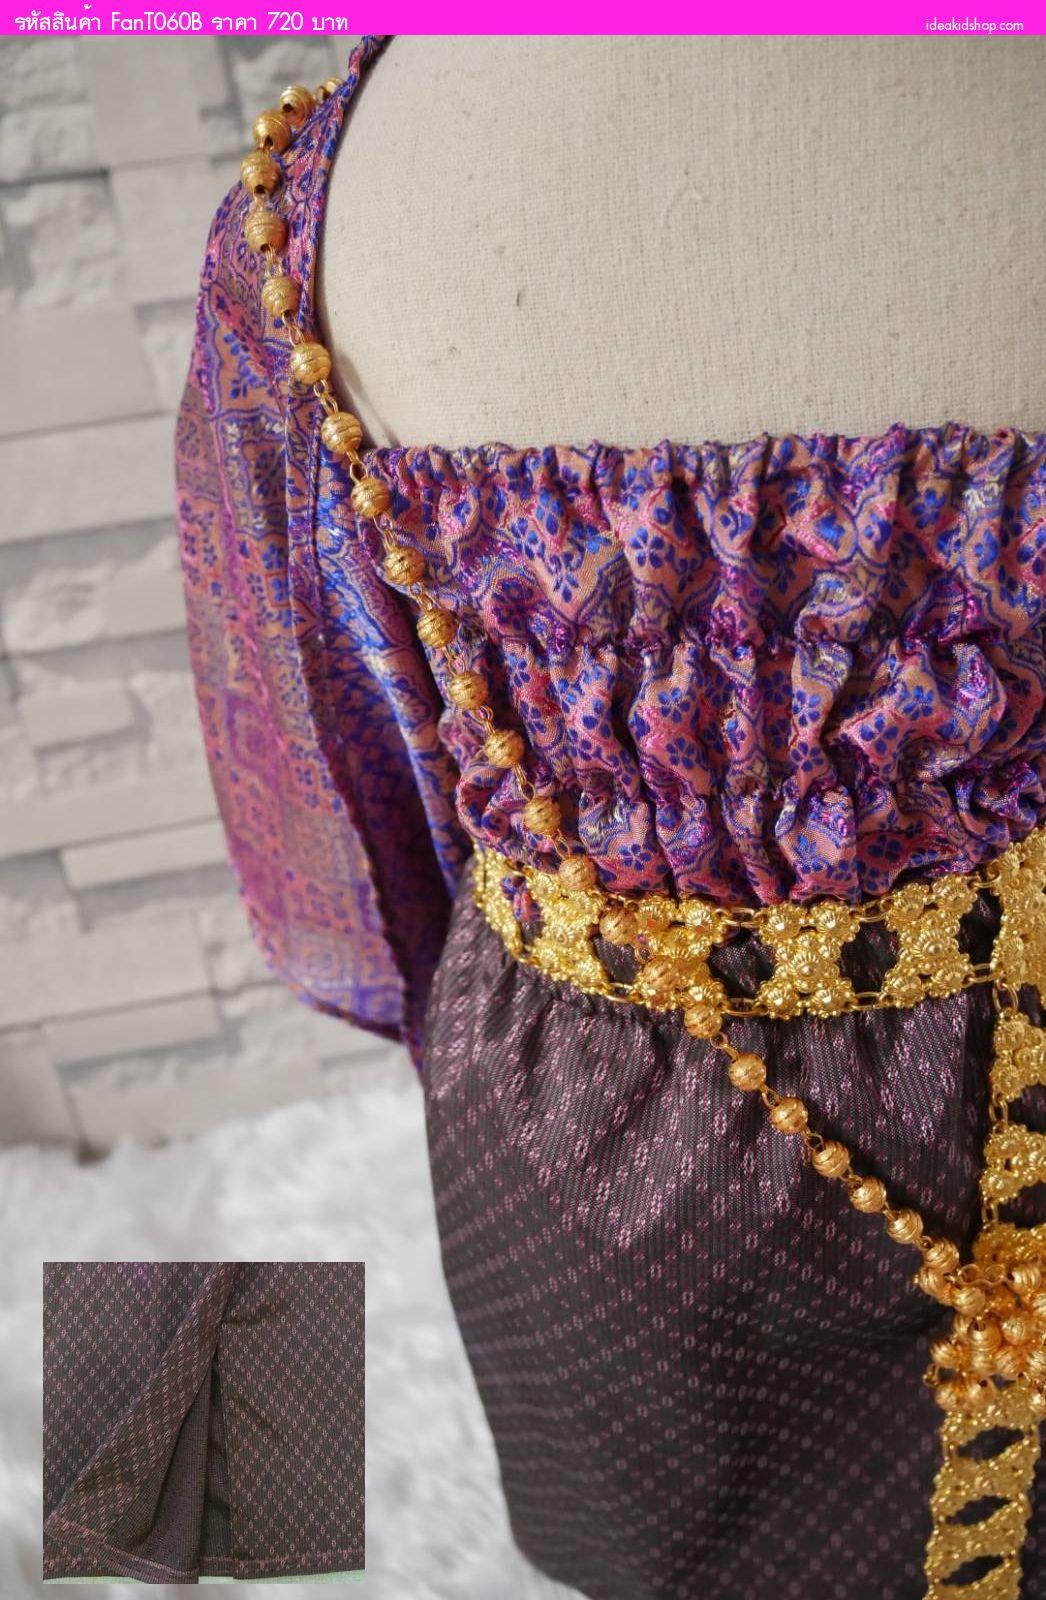 ชุดไทย ผ้าถุงหน้านาง สไบการะเกด สีม่วง